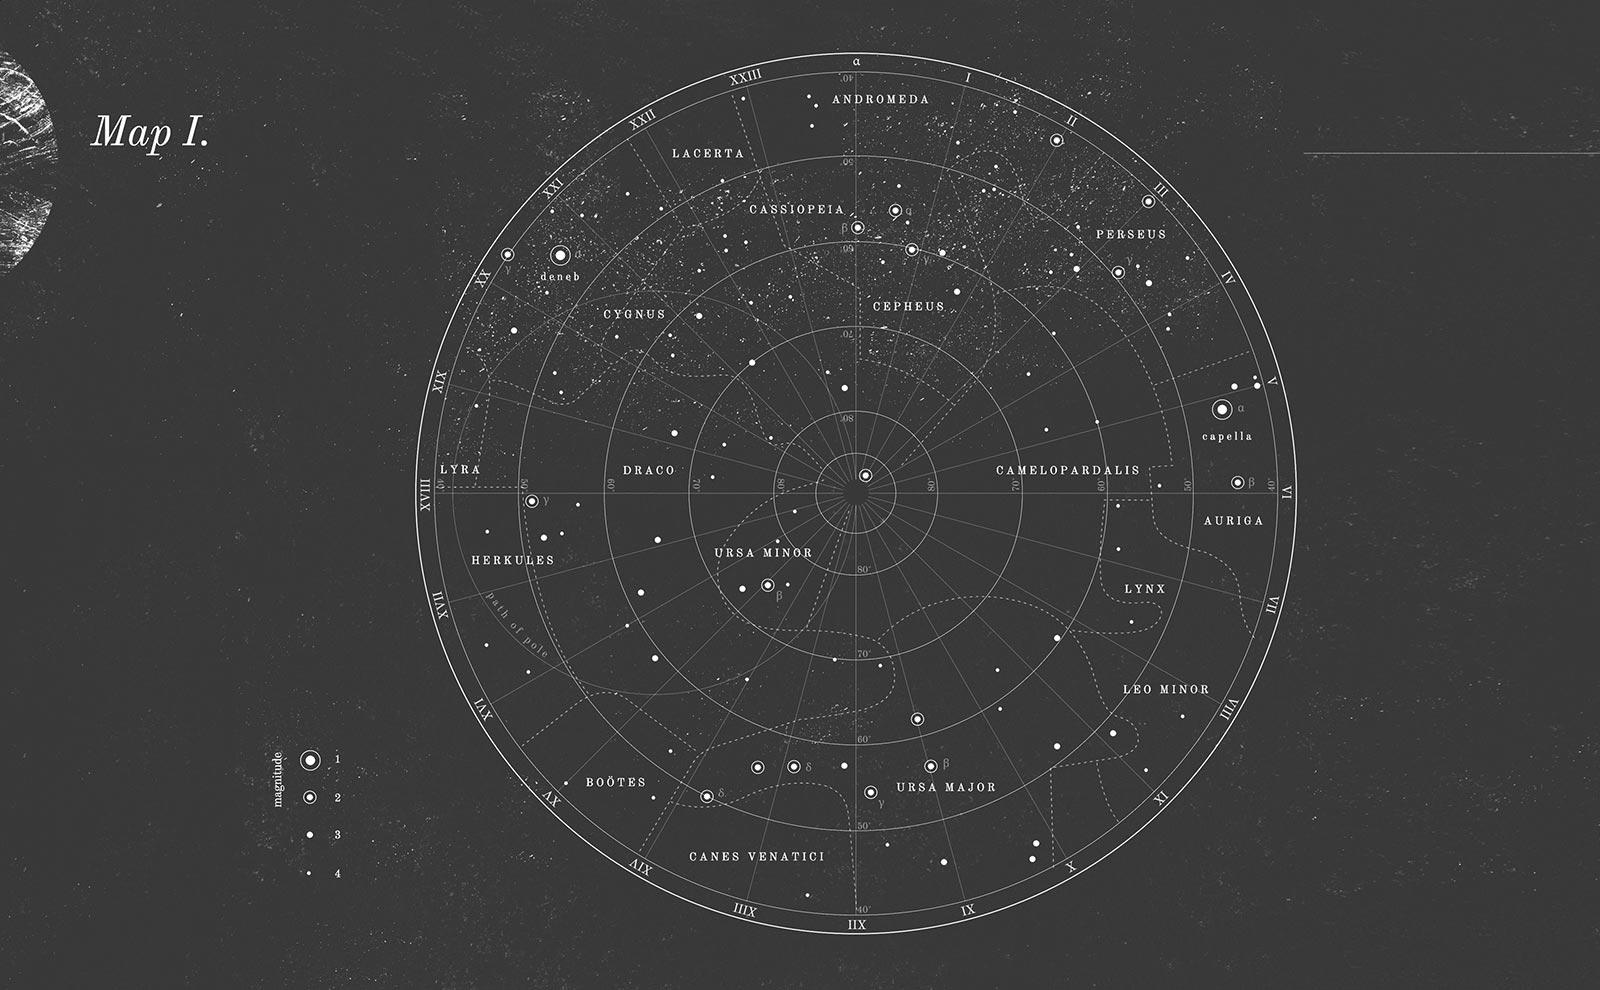 book-of-constellations-mapa-totamtostudio